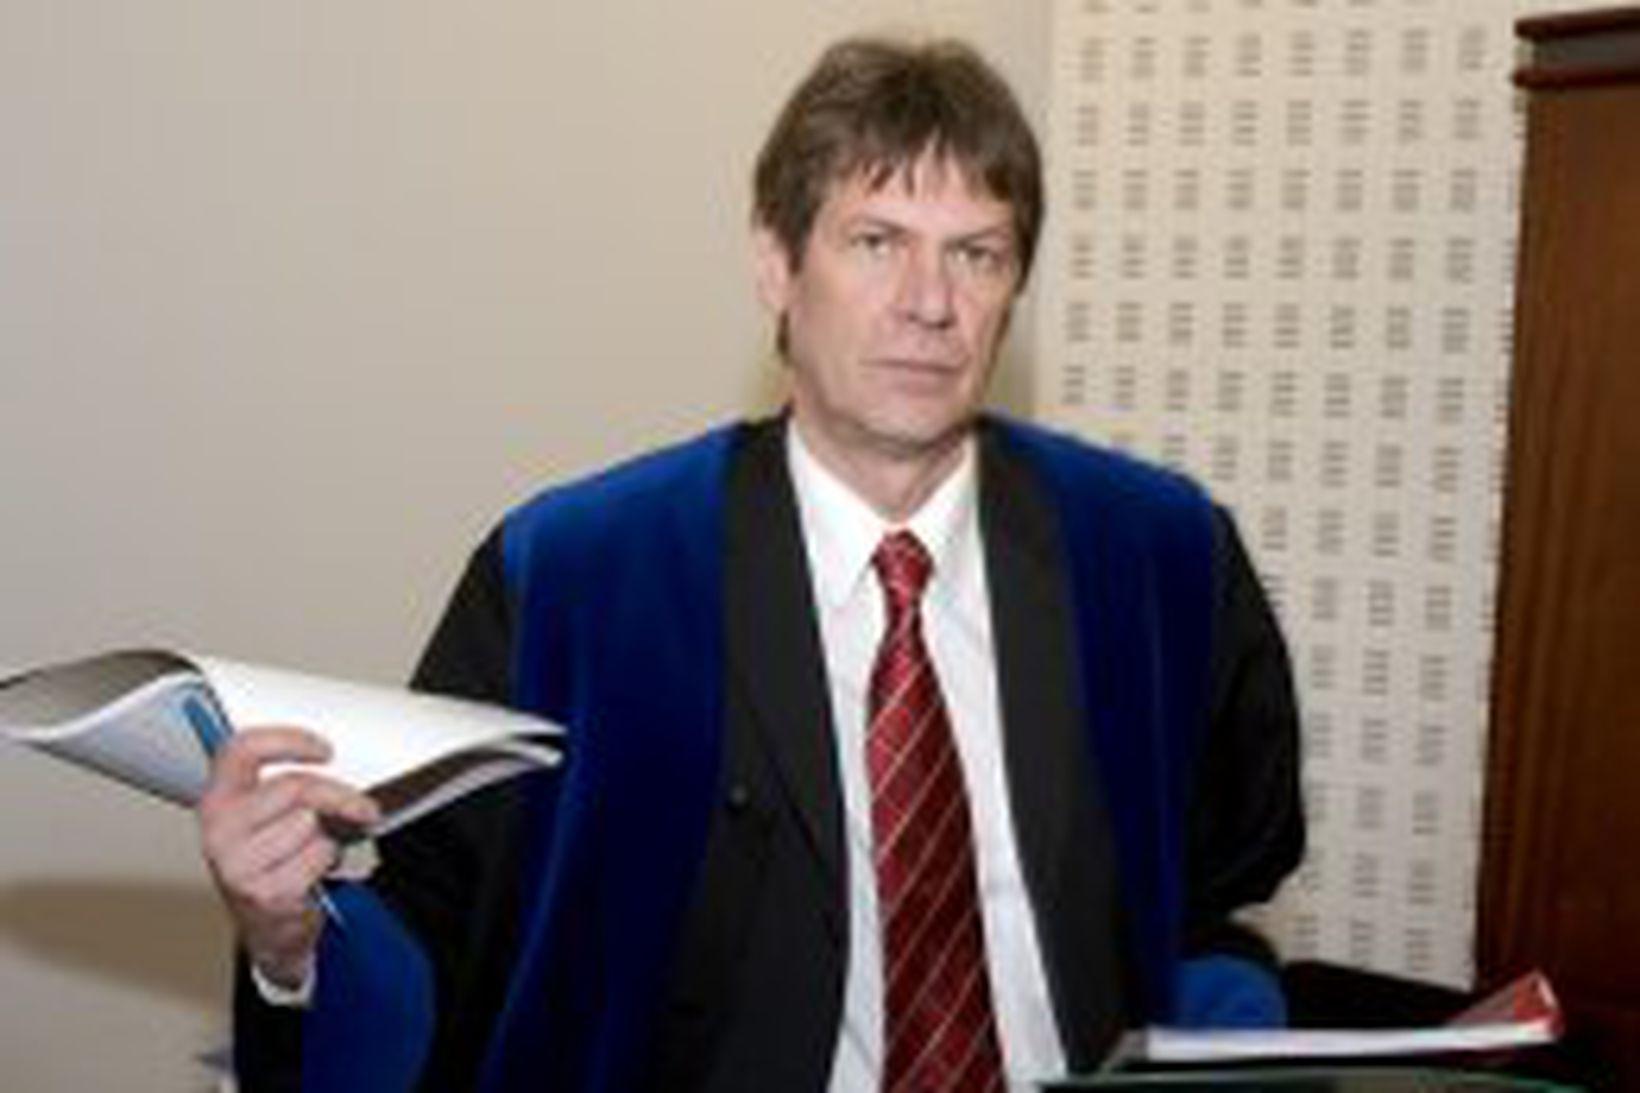 Brynjar Nielsson